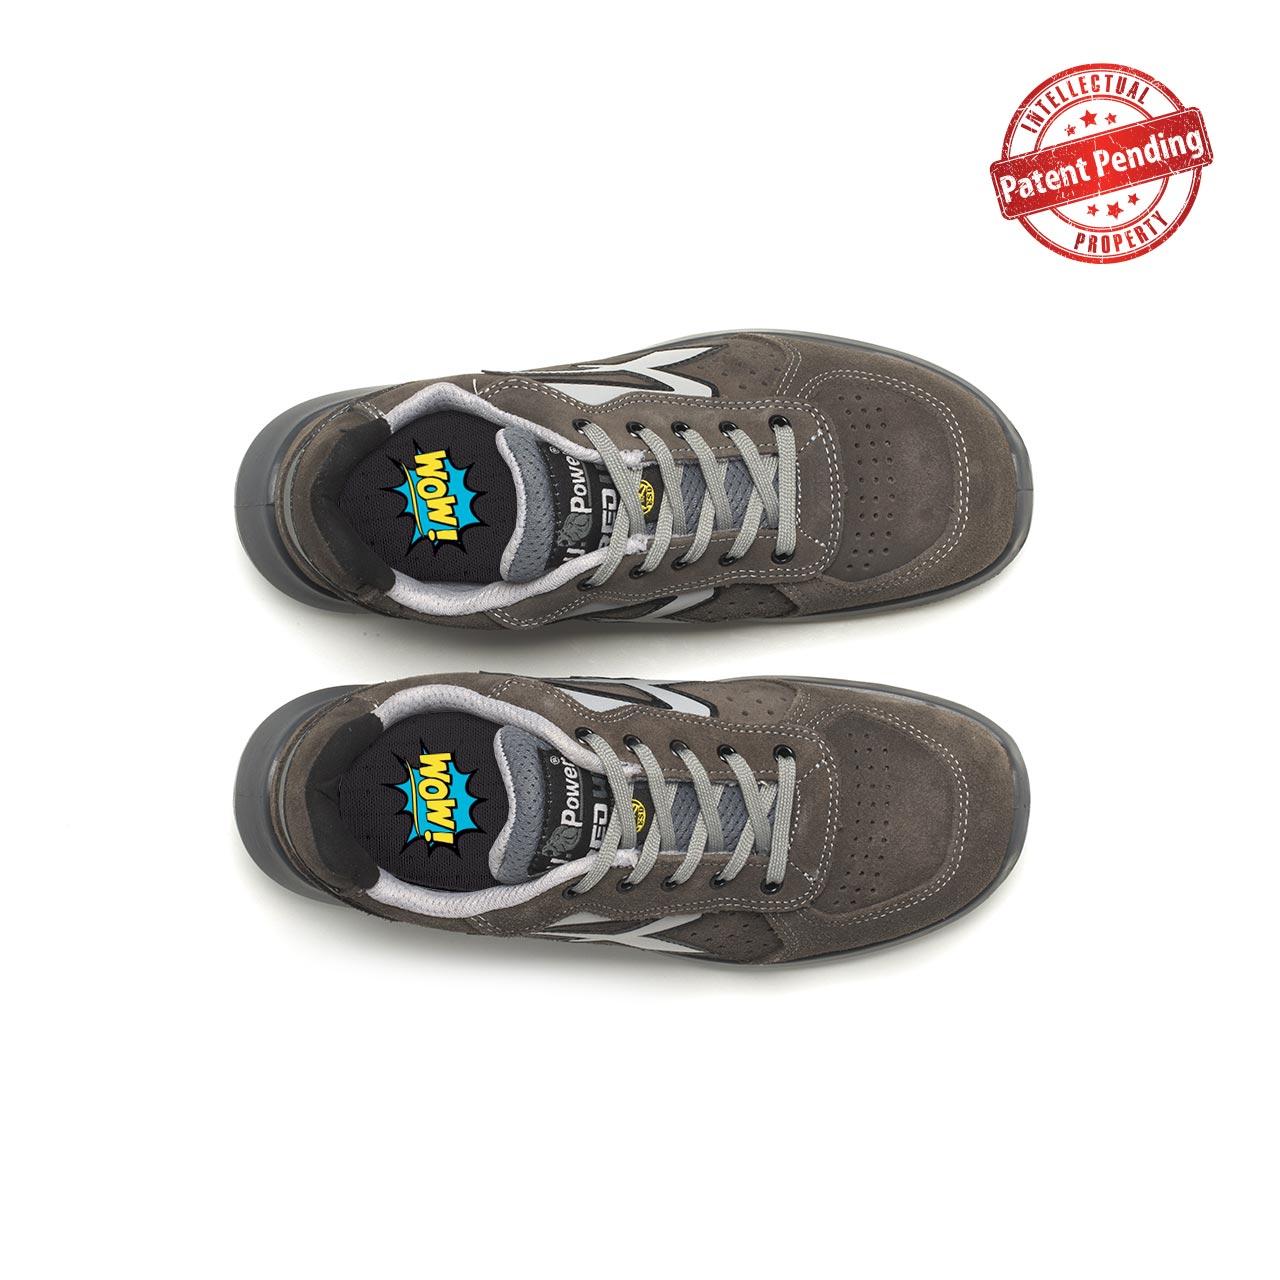 paio di scarpe antinfortunistiche upower modello rigel linea redup vista top